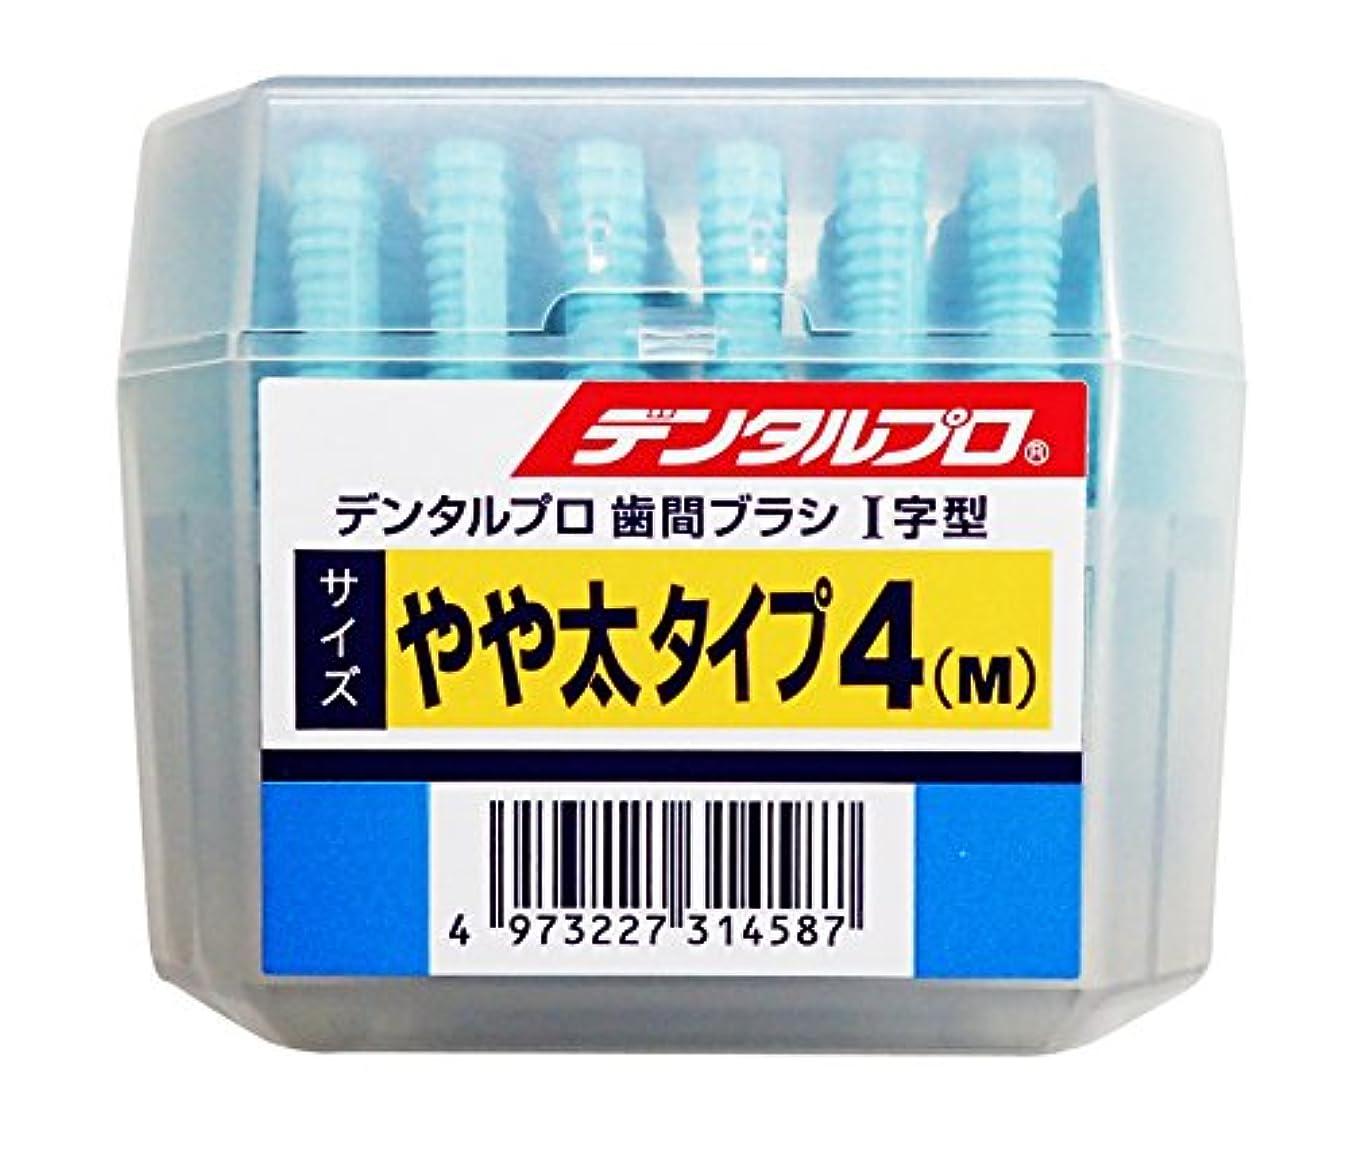 かご部屋を掃除するグローブデンタルプロ 歯間ブラシ<I字型> サイズ4(M) 50本